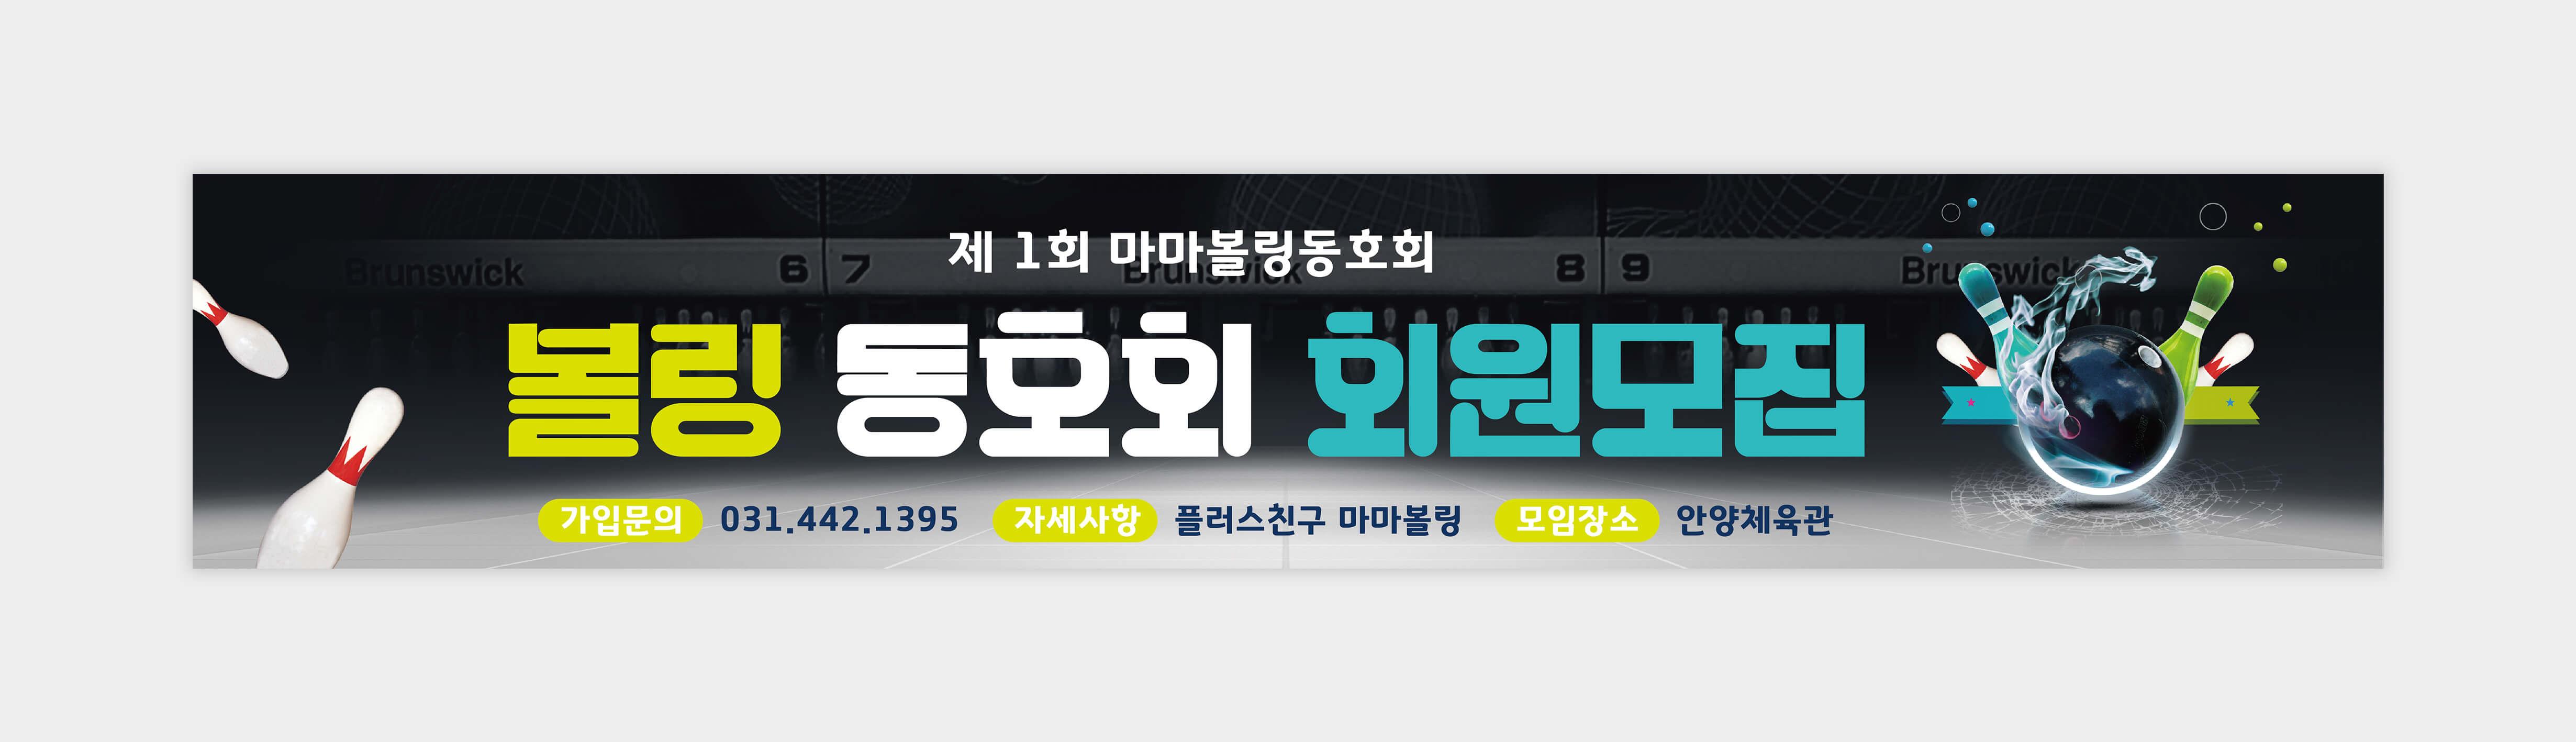 현수막_081